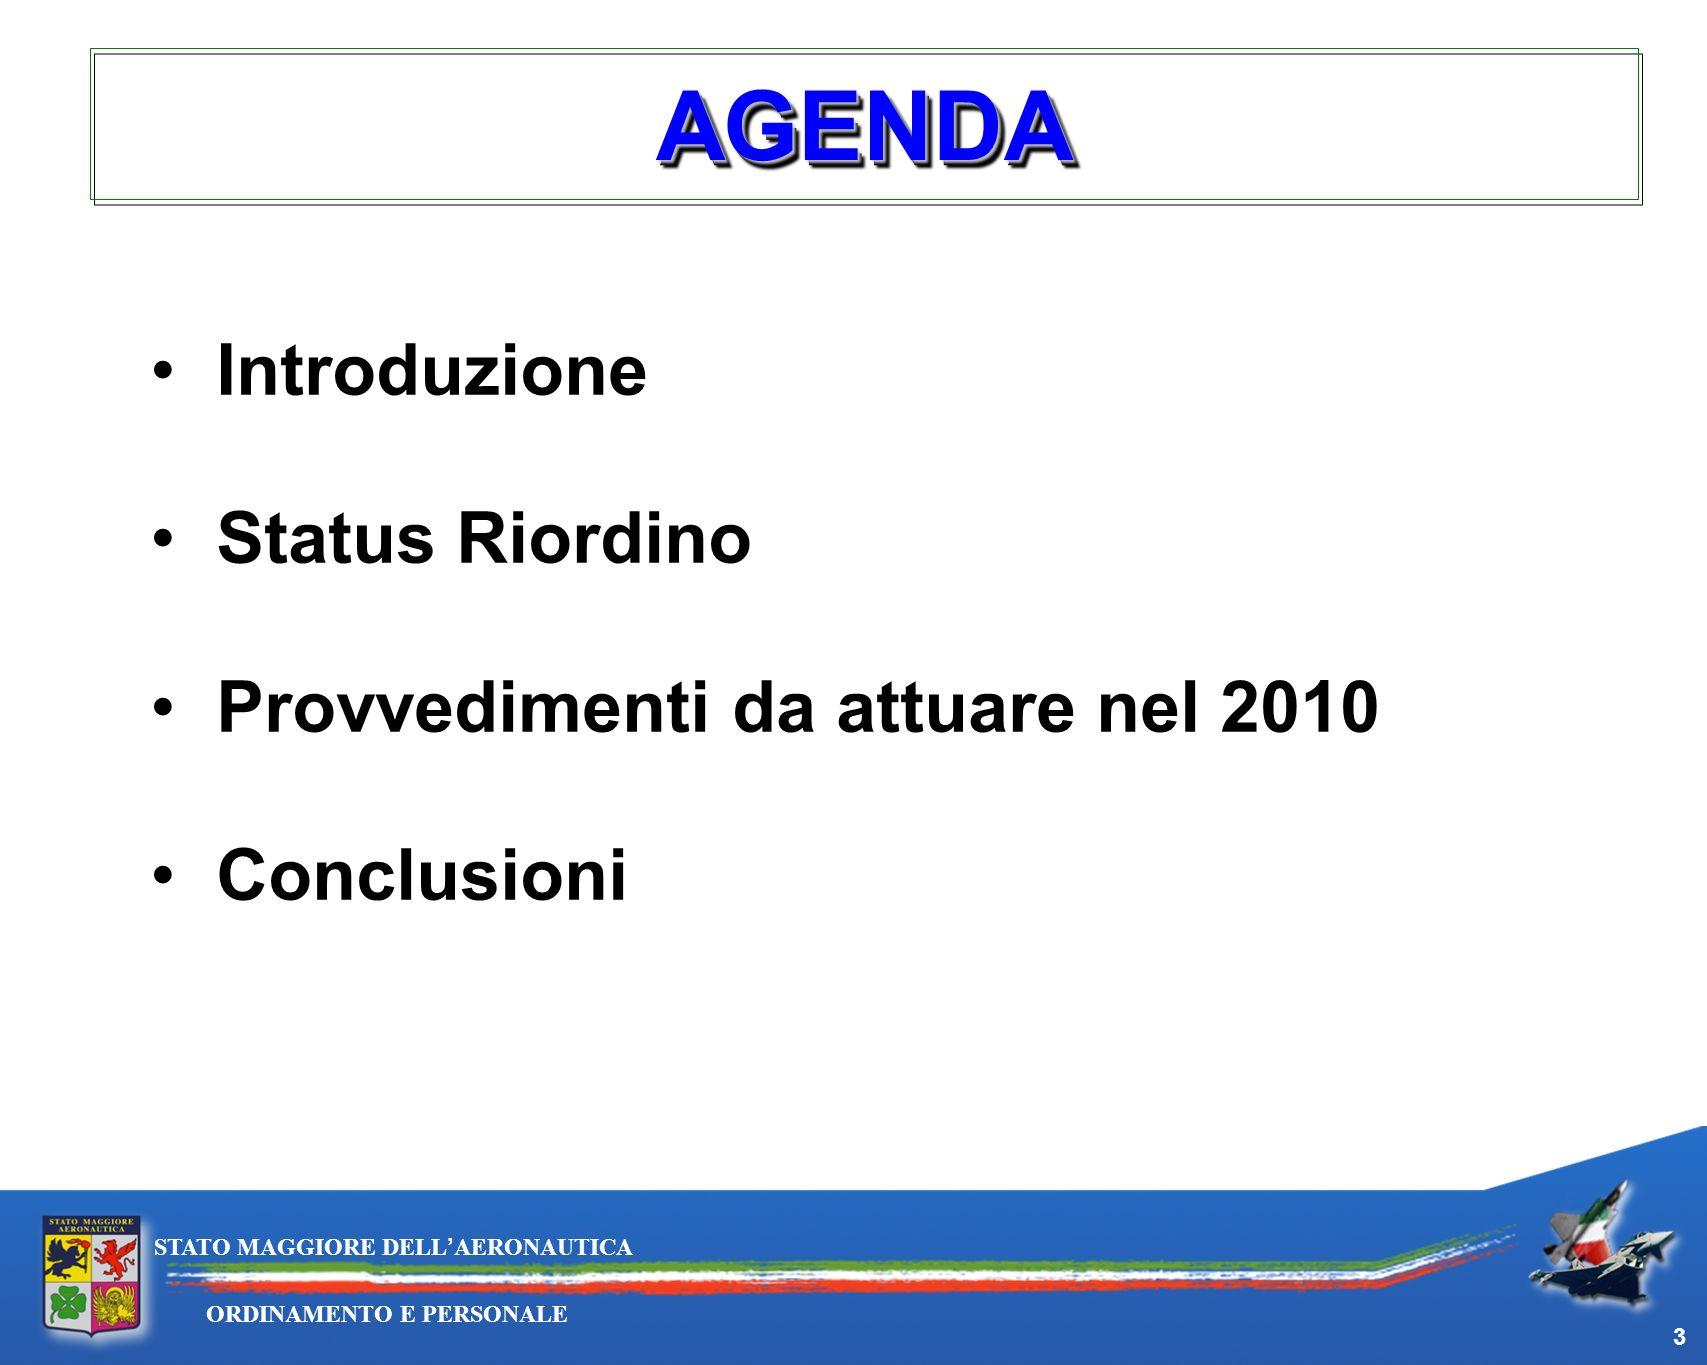 3 ORDINAMENTO E PERSONALE STATO MAGGIORE DELLAERONAUTICA Introduzione Status Riordino Provvedimenti da attuare nel 2010 Conclusioni AGENDAAGENDA